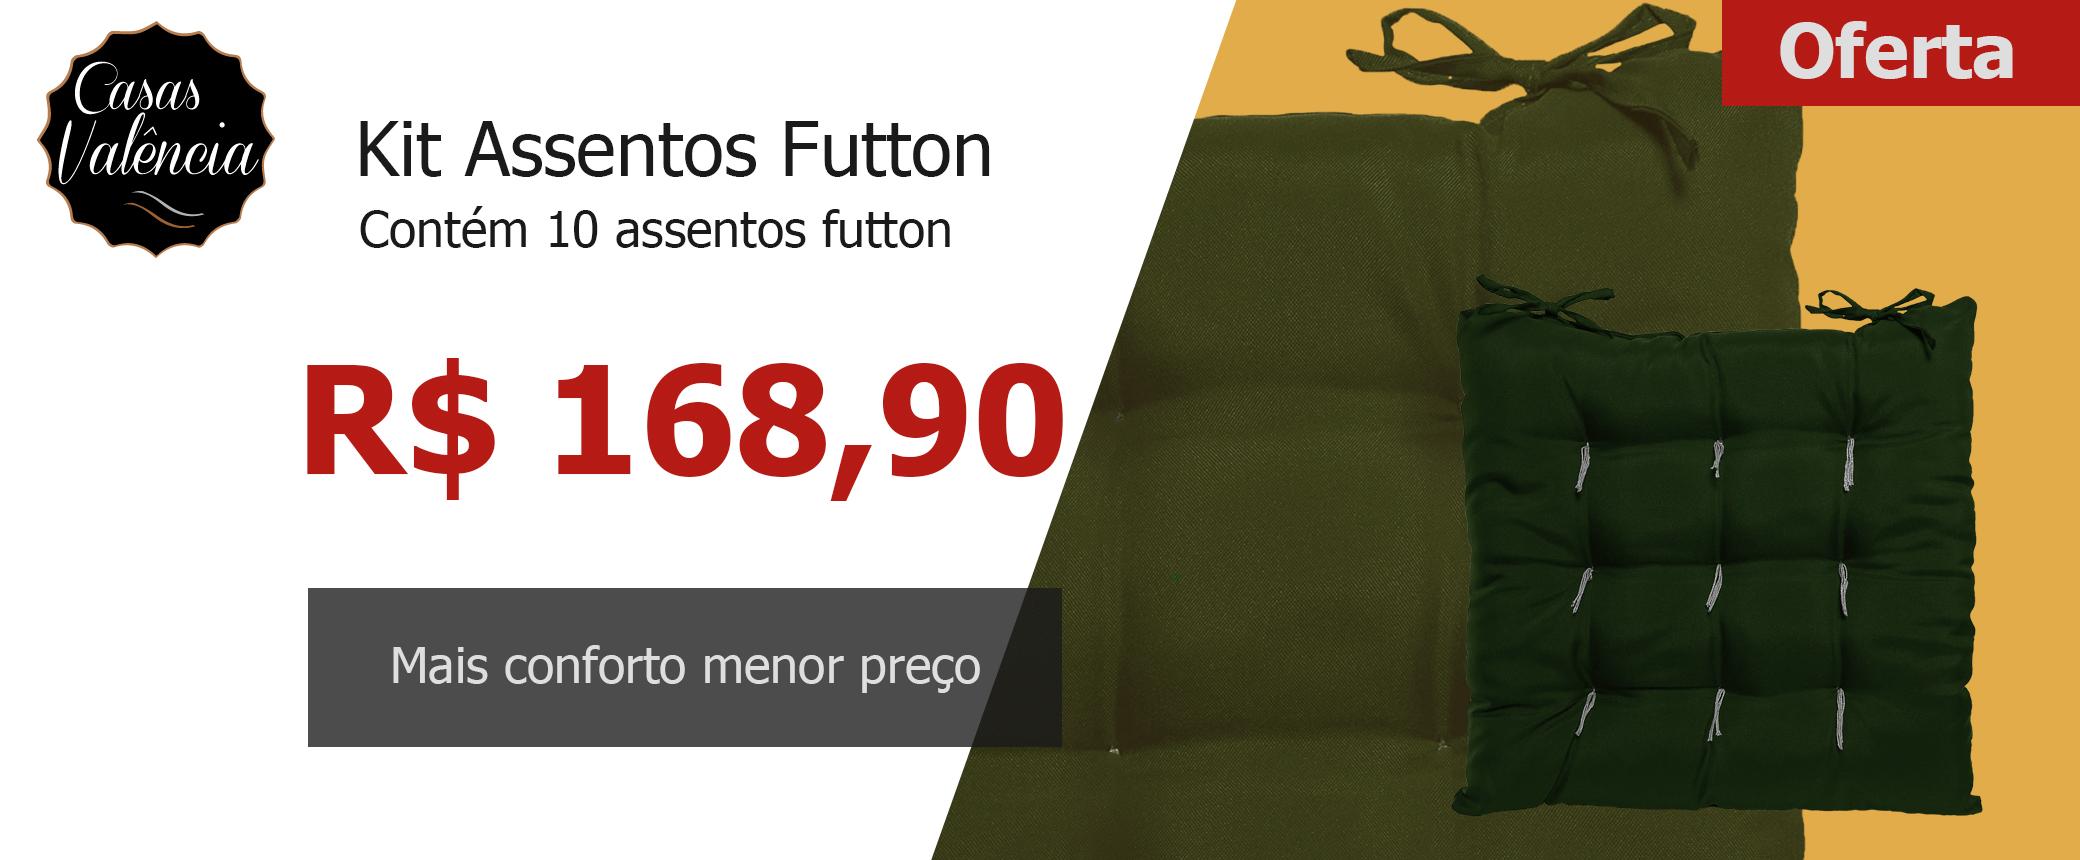 Banner kit 10 assentos futton